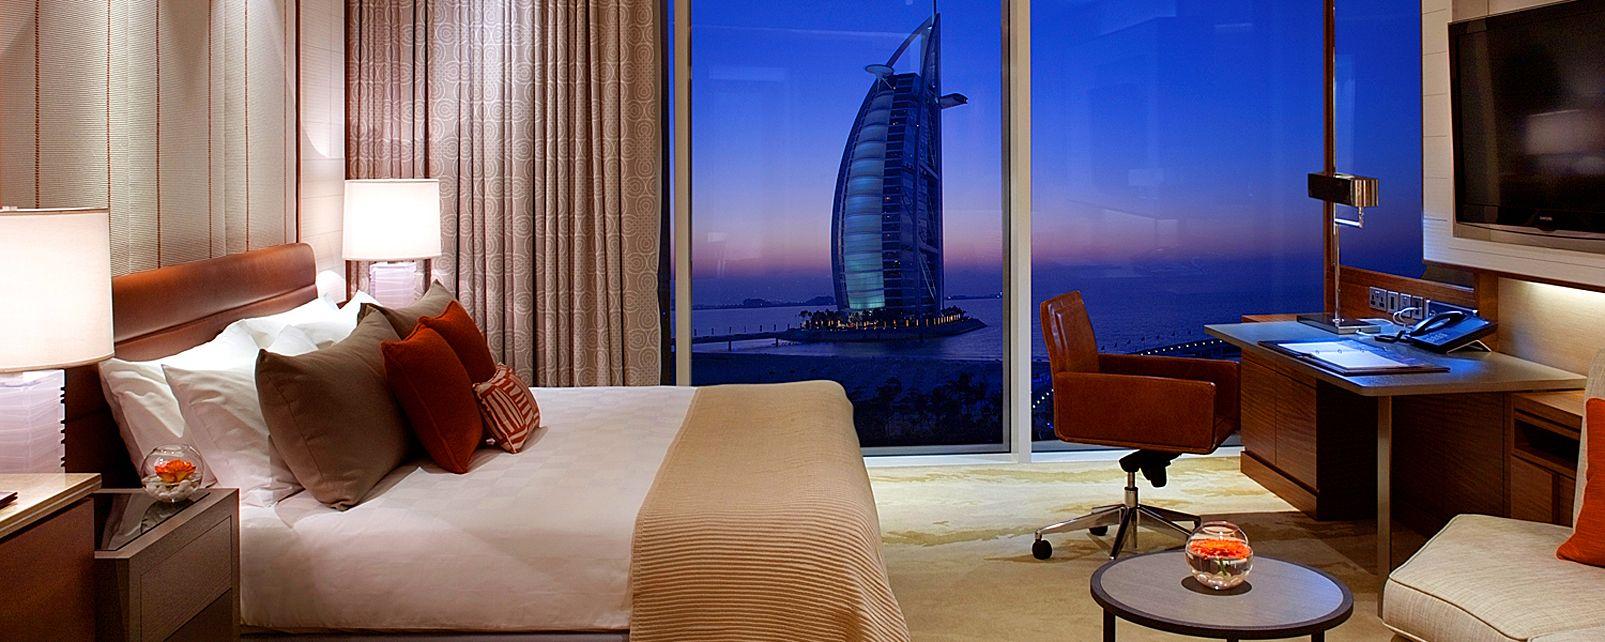 Hotel Jumeirah Beach Dubai